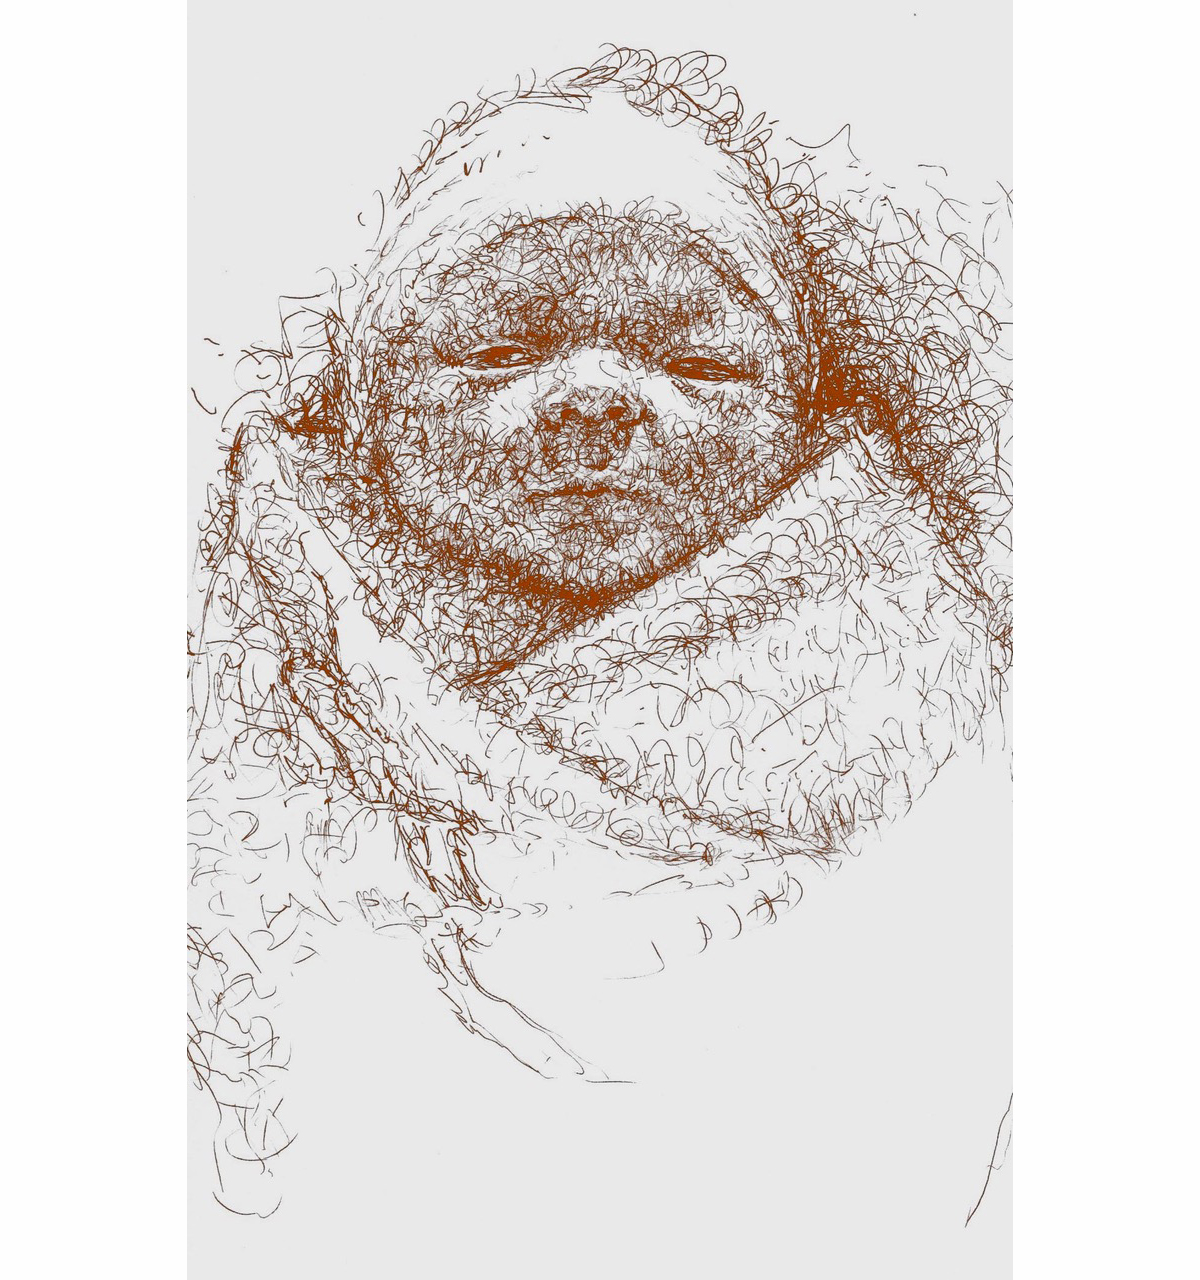 baby_enrique_drawing.jpg